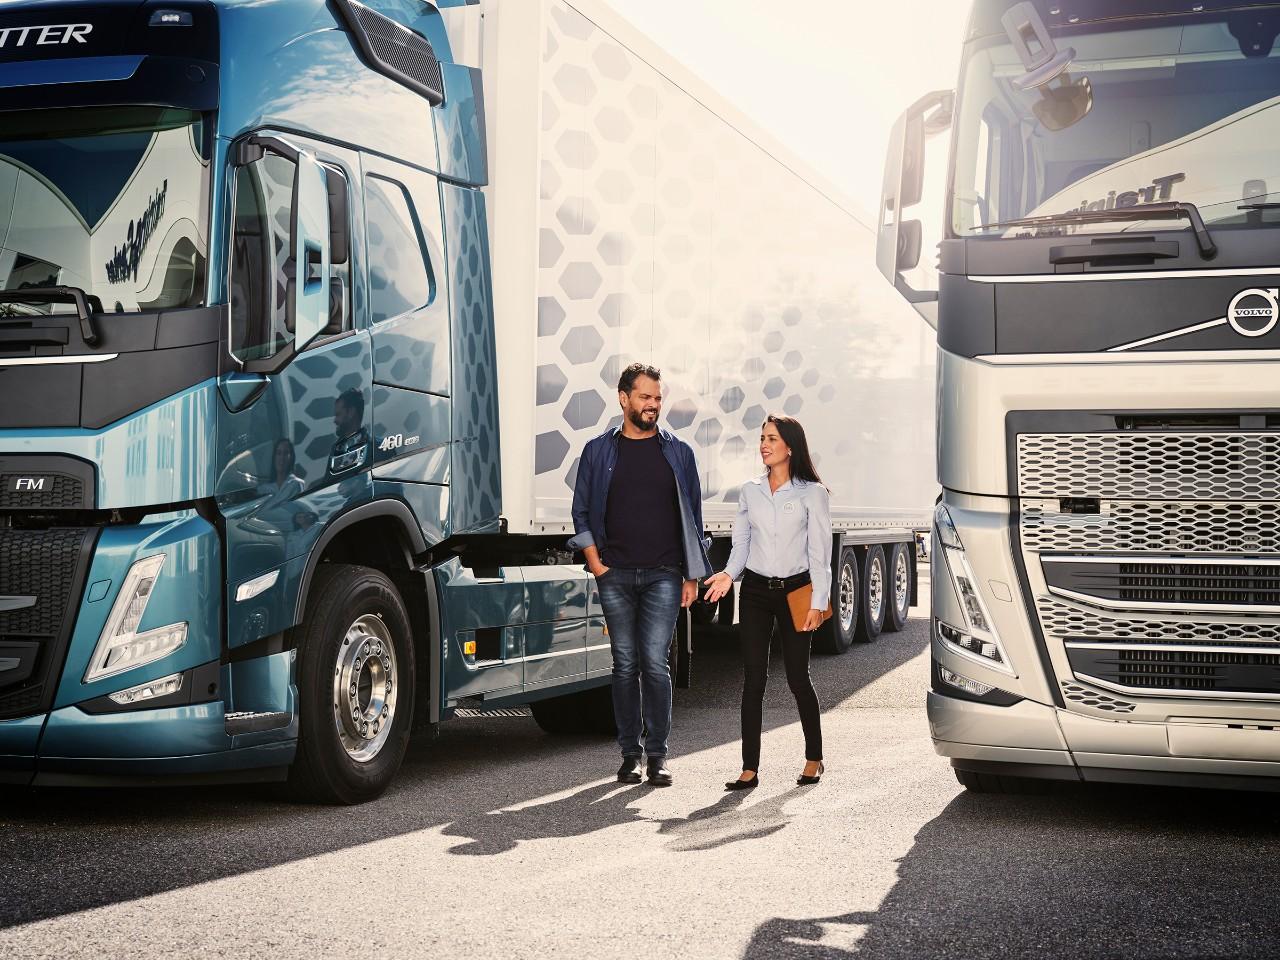 Услуги за камиони – създадени специално за вашия бизнес